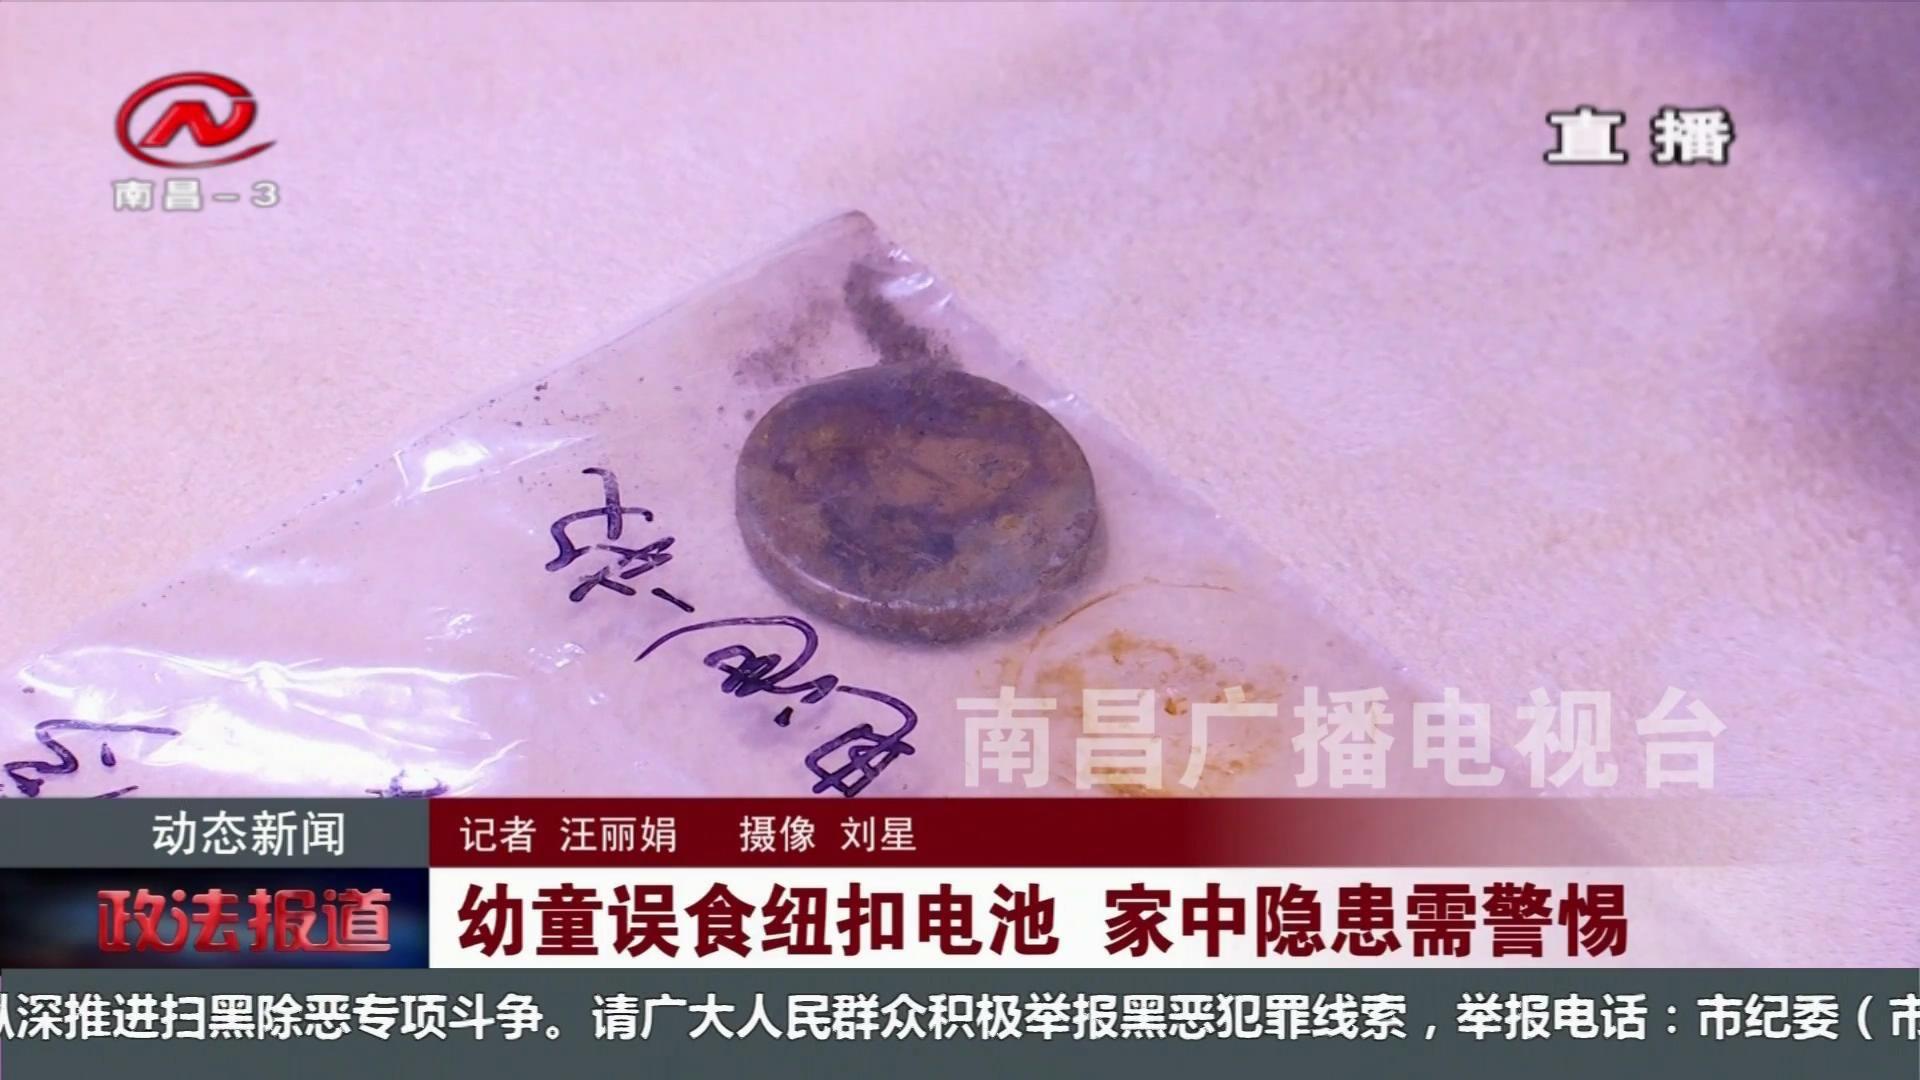 幼童誤食紐扣電池 家中隱患需警惕